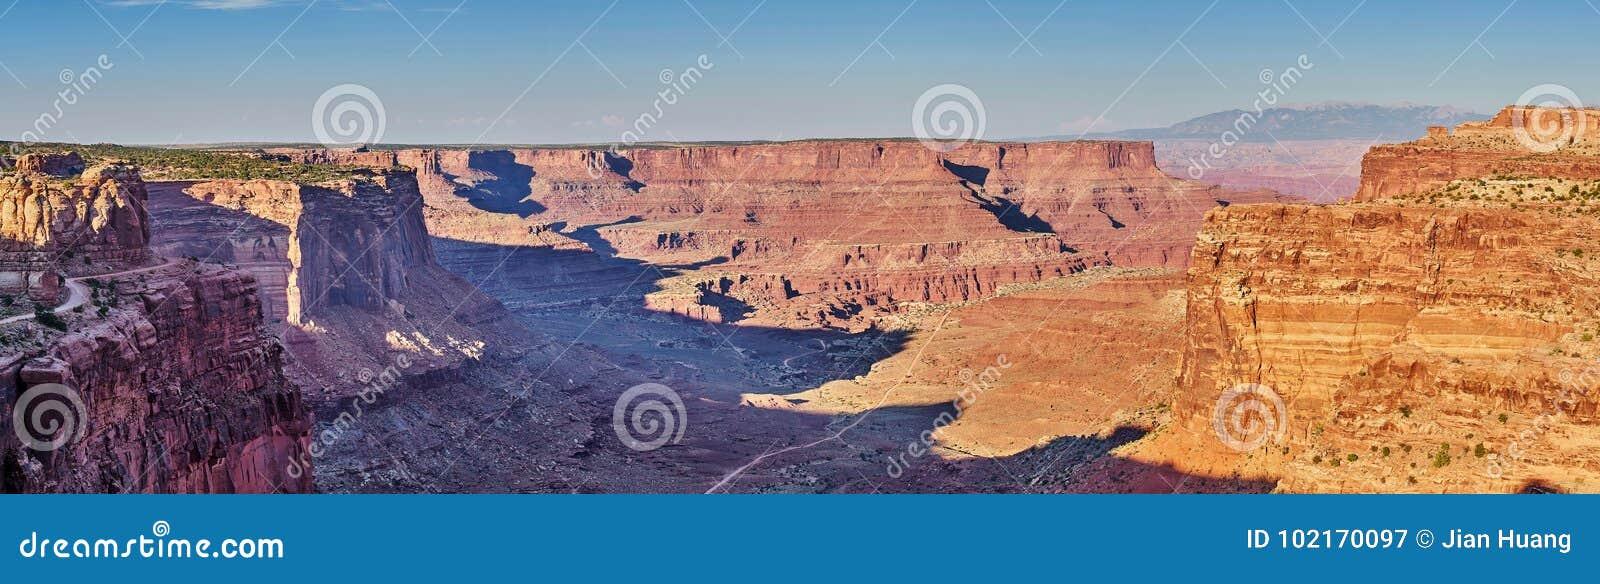 Εθνικό πάρκο Canyonlands